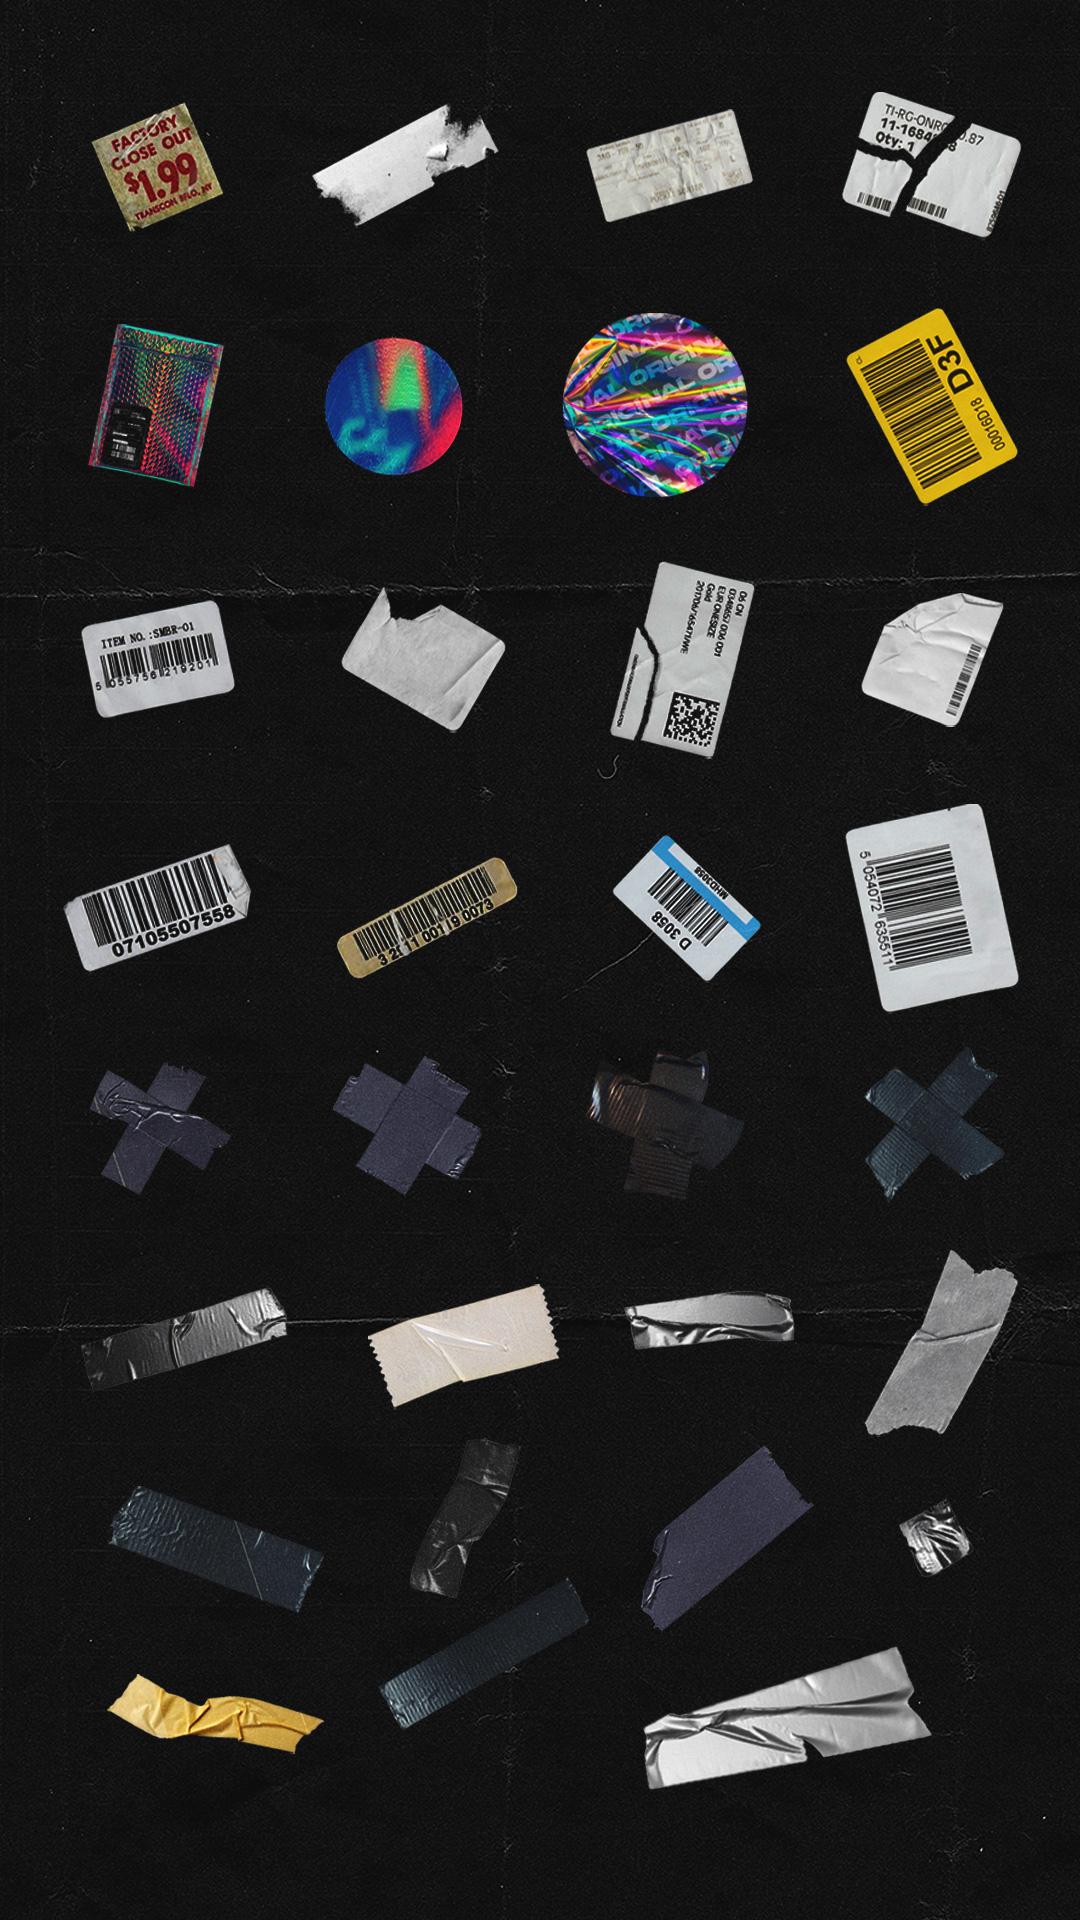 设计资源!31款平面海报设计素材(胶带/贴纸/标签)免费打包下载